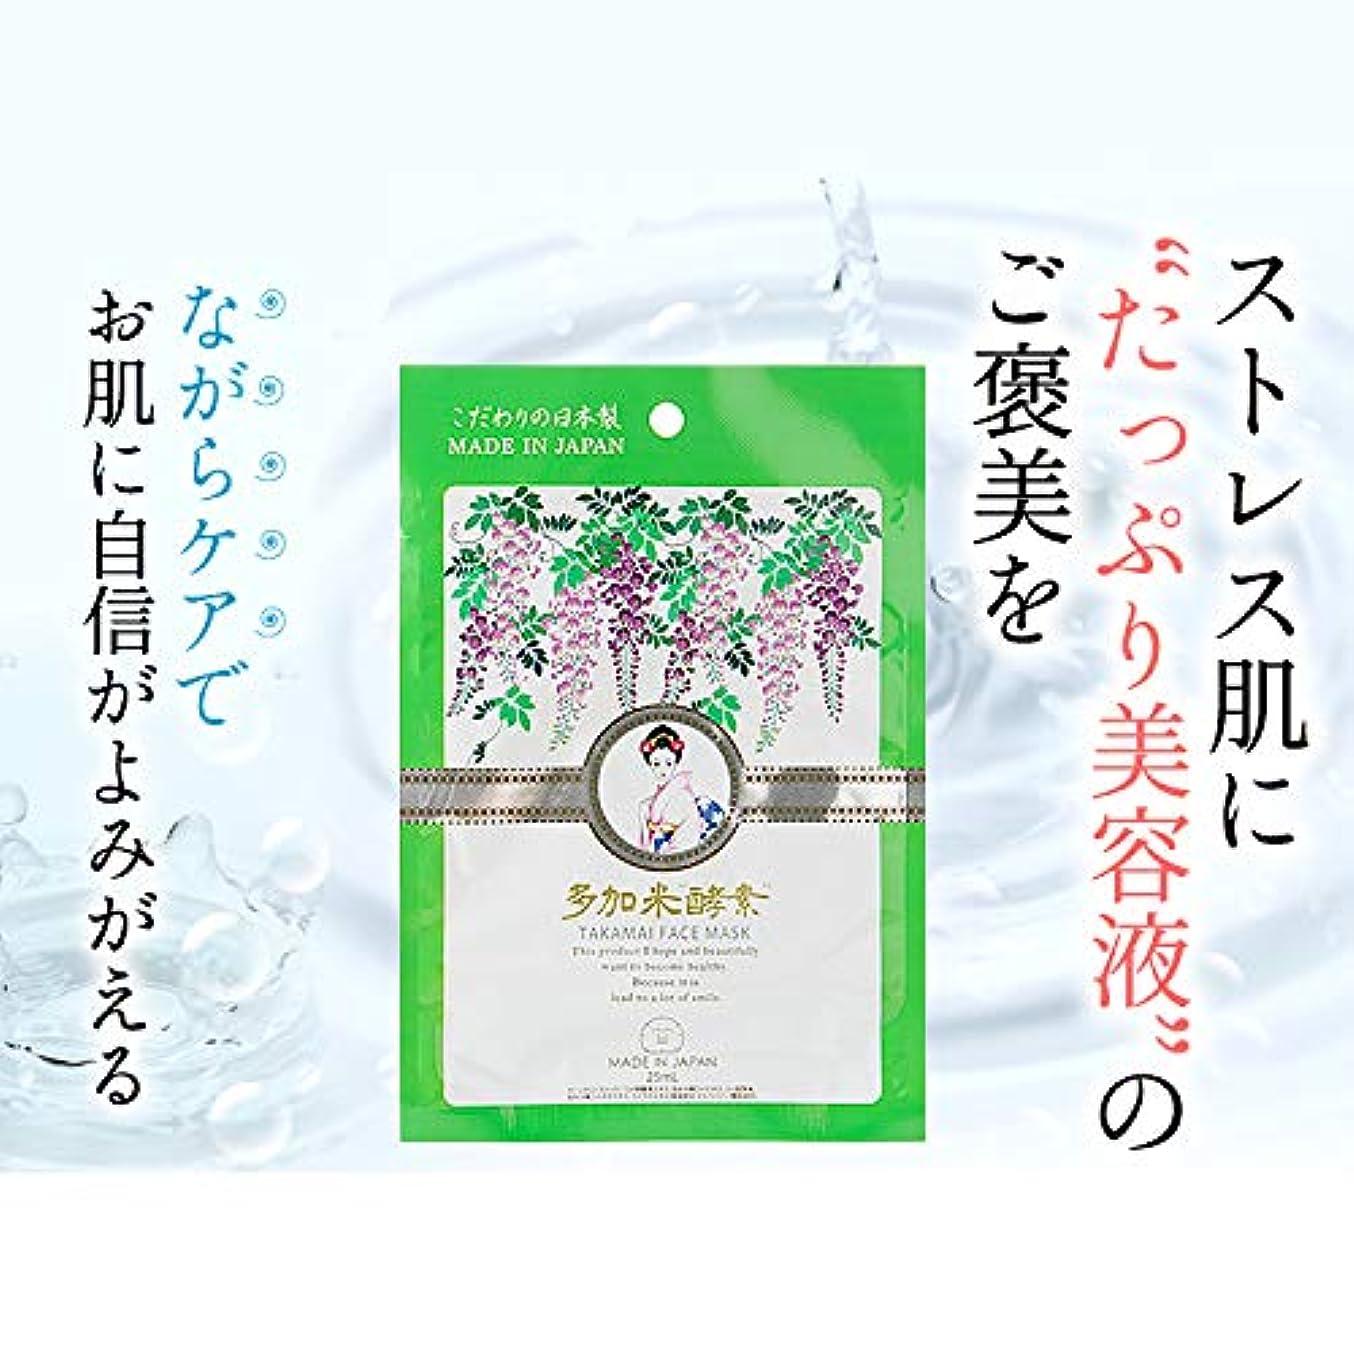 カイウスほとんどないクラッシュ多加米酵素フェイスマスク シートマスク フェイスマスク 保湿マスク 美容液 25ml 20枚セット